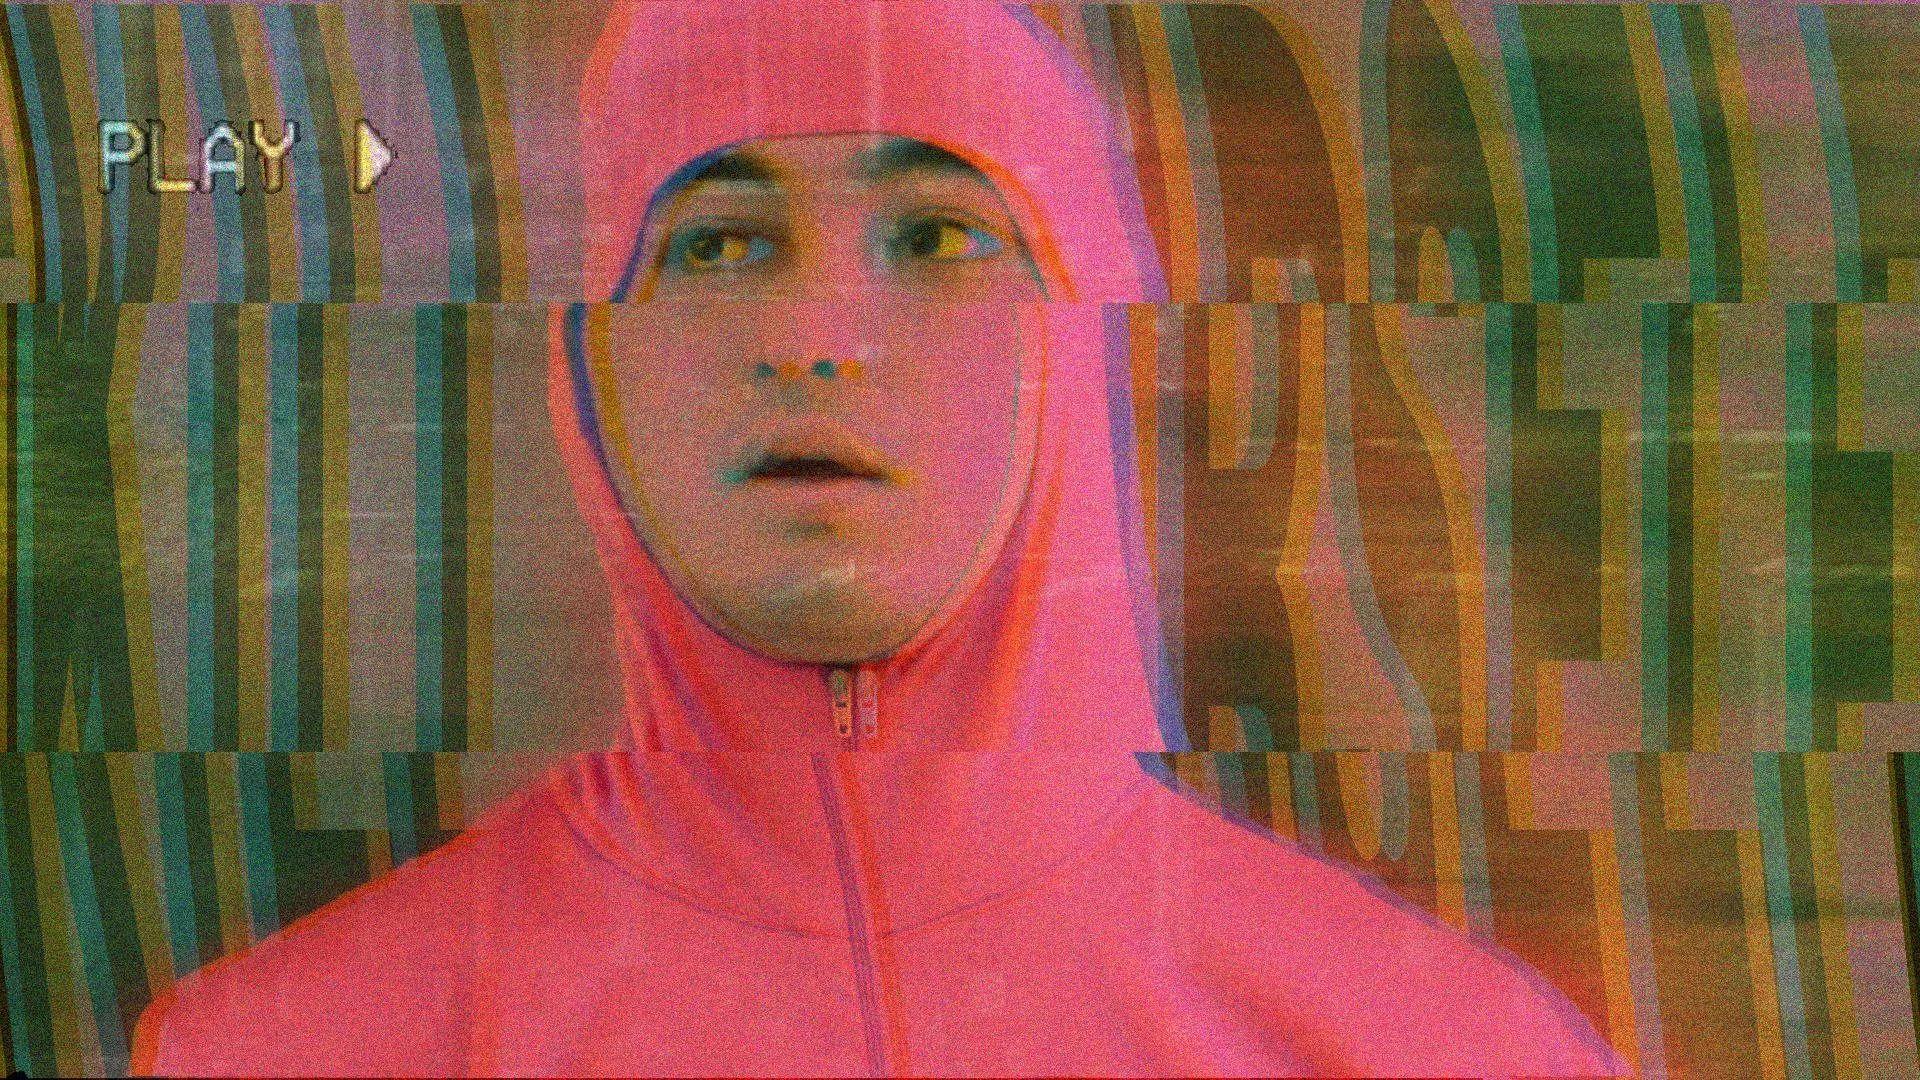 Filthy Frank Full HD Wallpaper